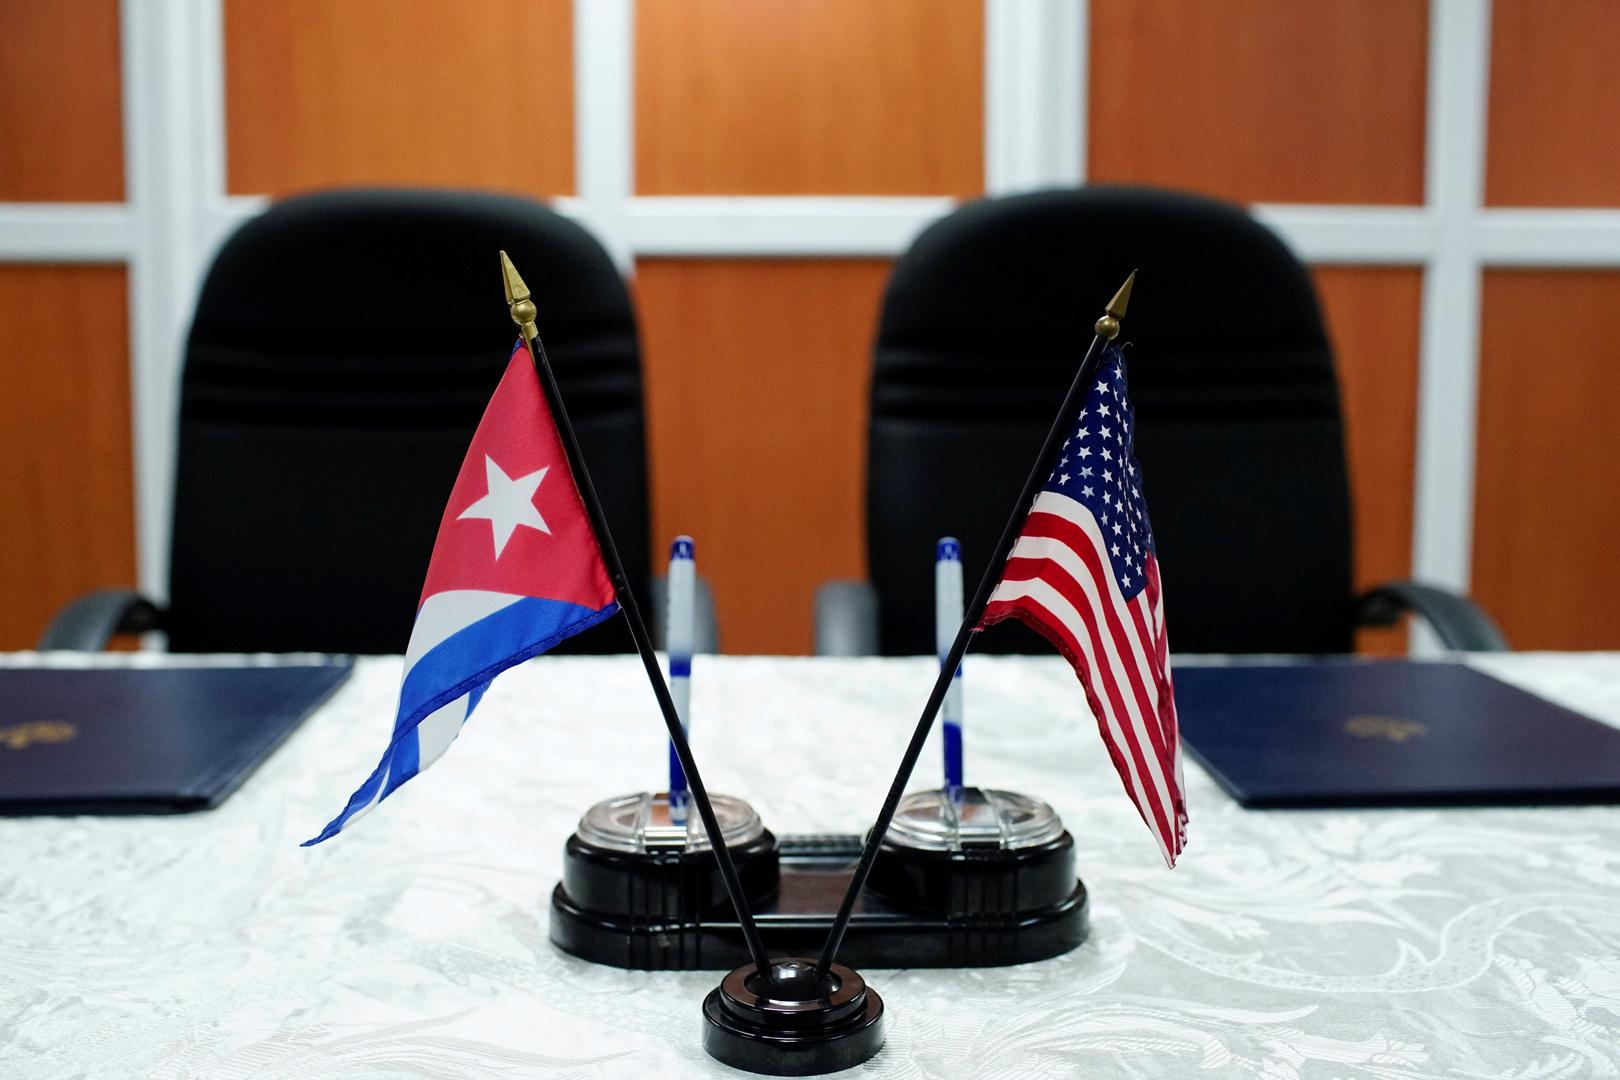 العلم الأمريكي والعلم الكوبي